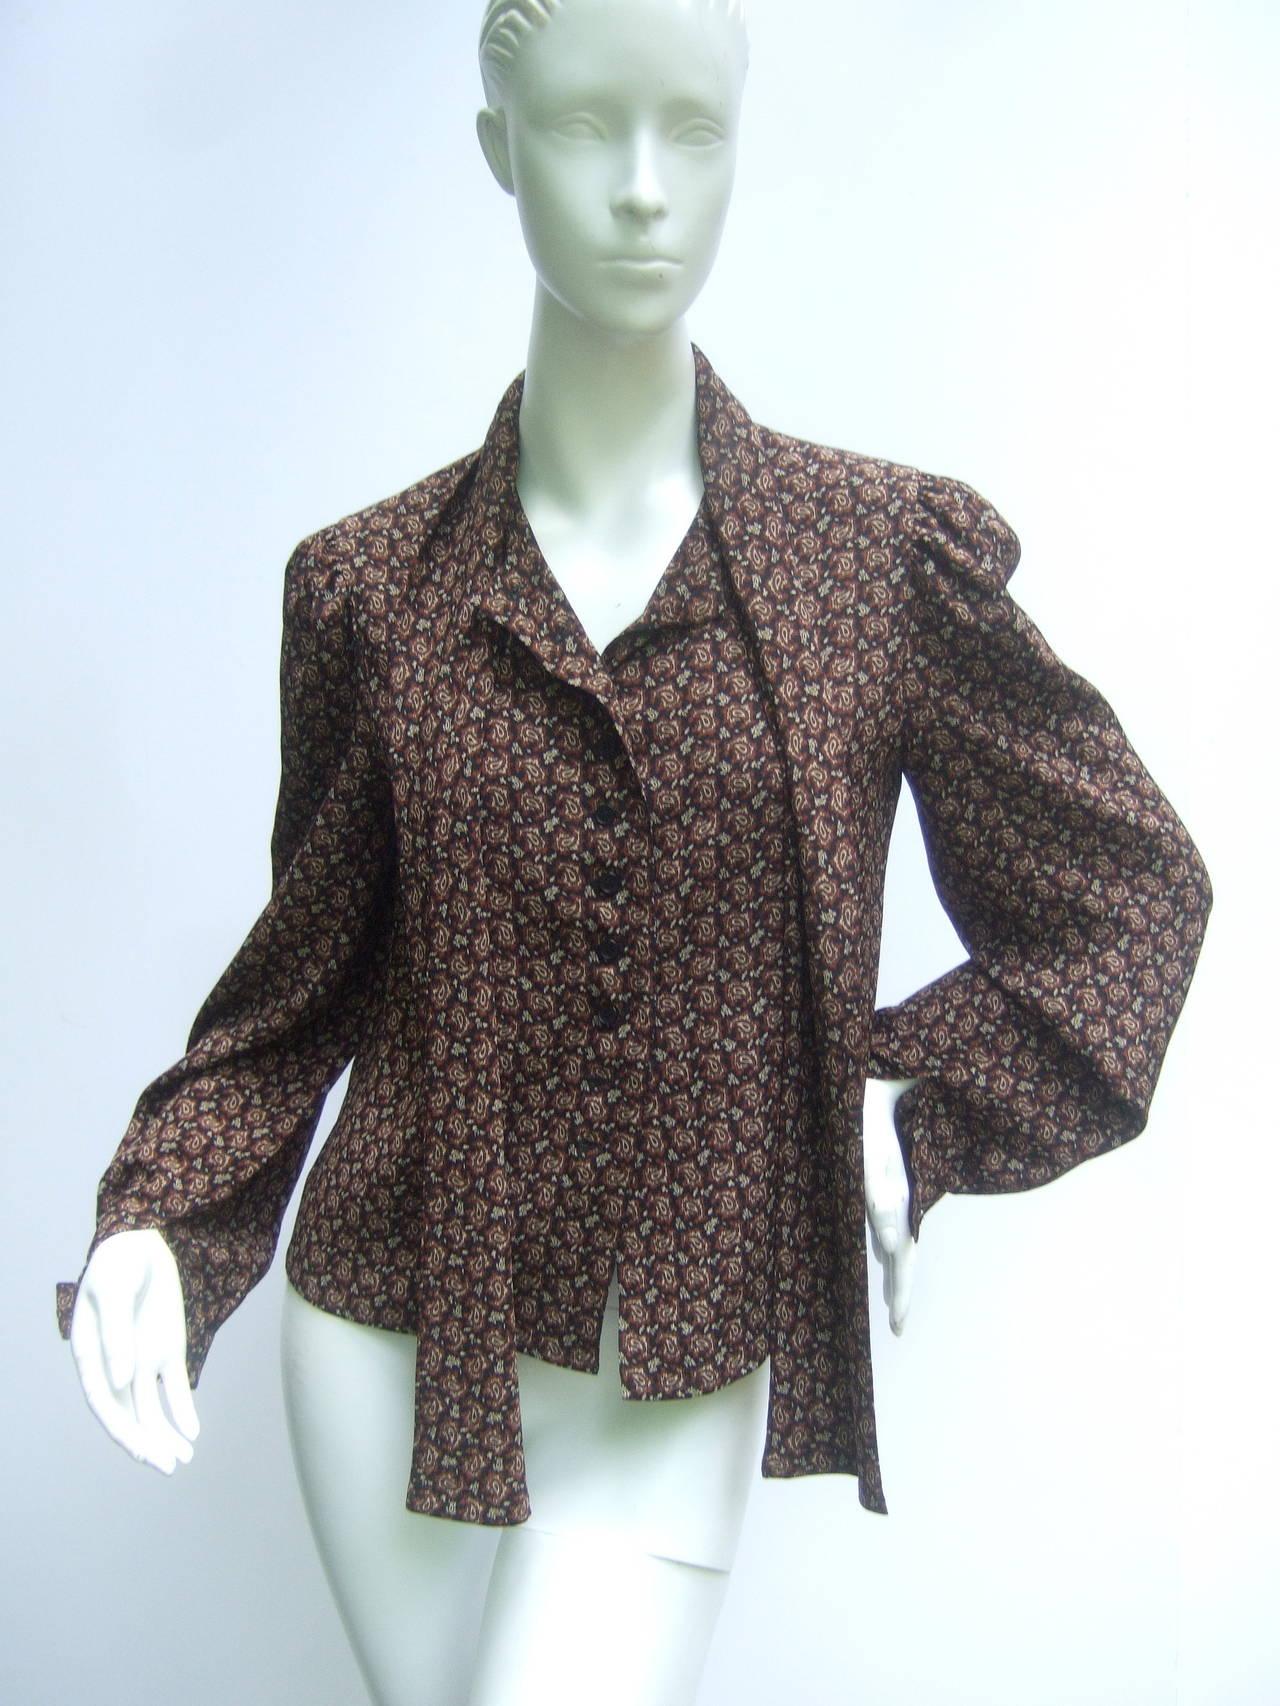 Lanvin Couture Paris Wool Jacket & Paisley Blouse Ensemble c 1980s 5